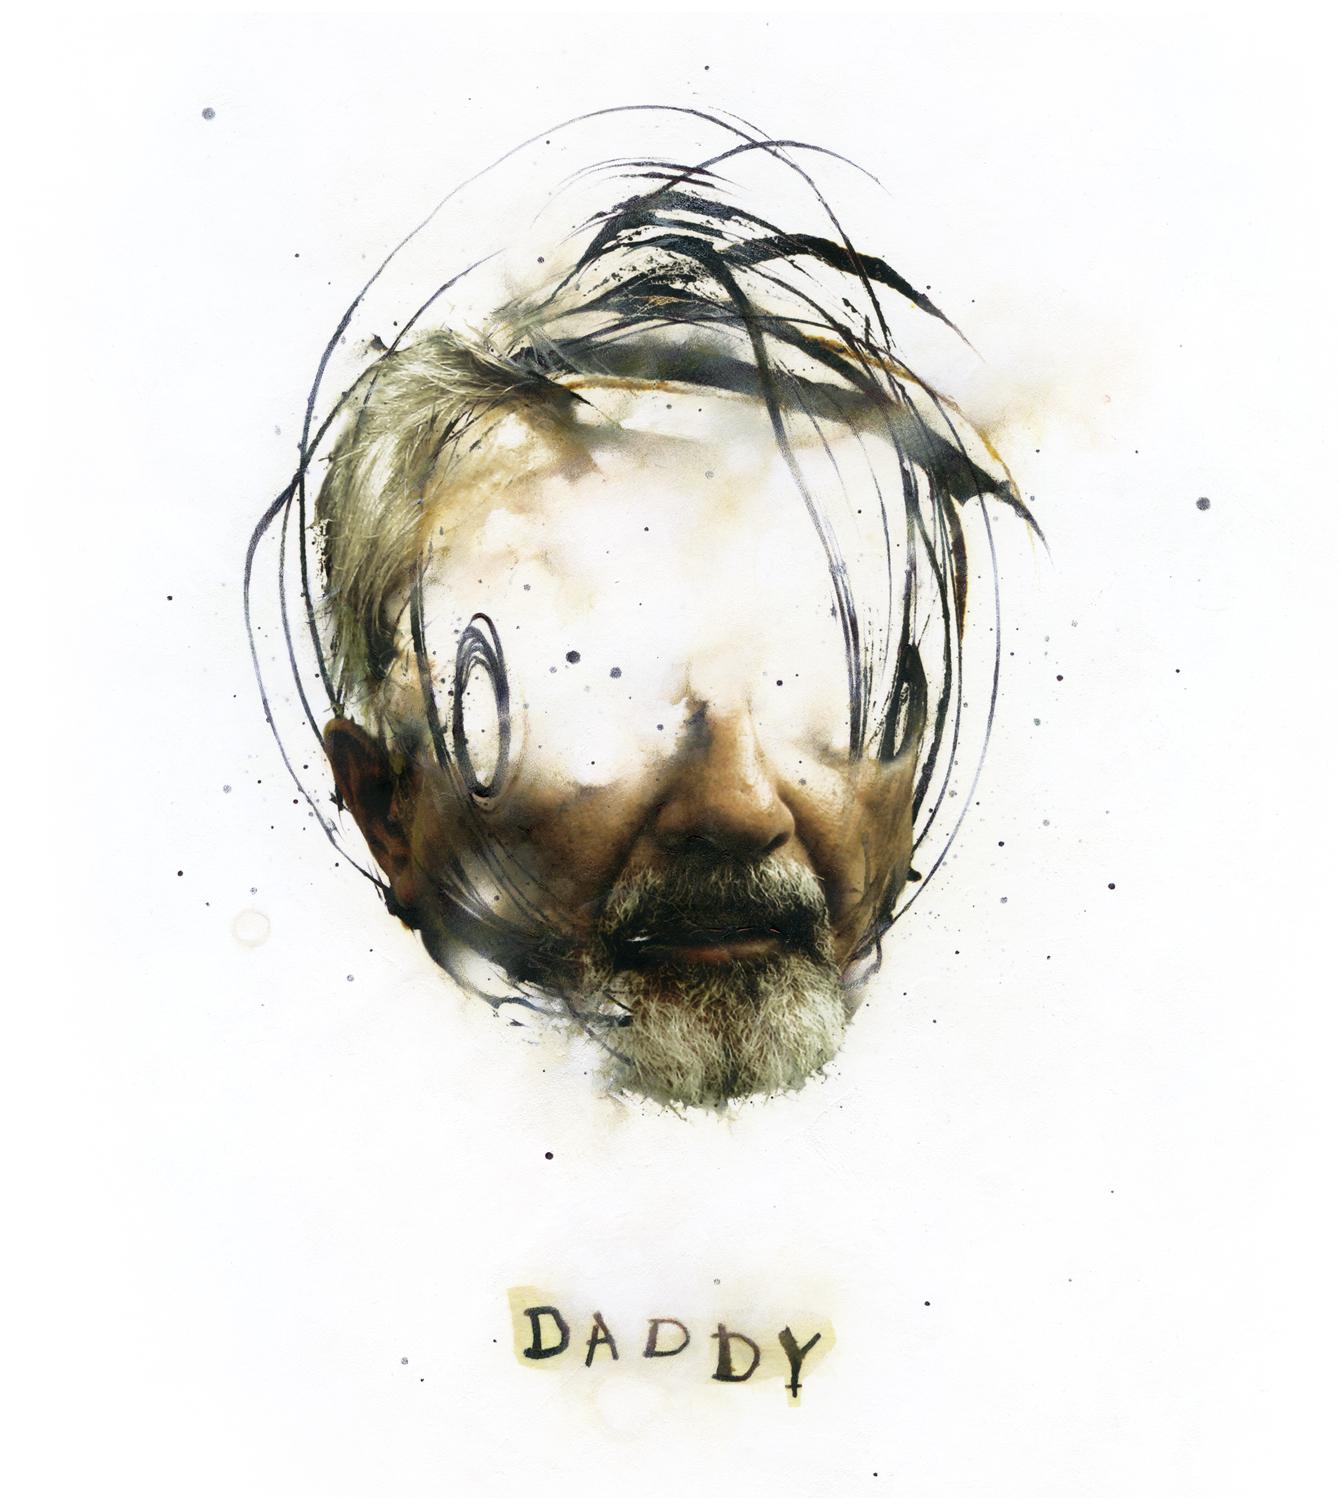 Daddy!.jpg